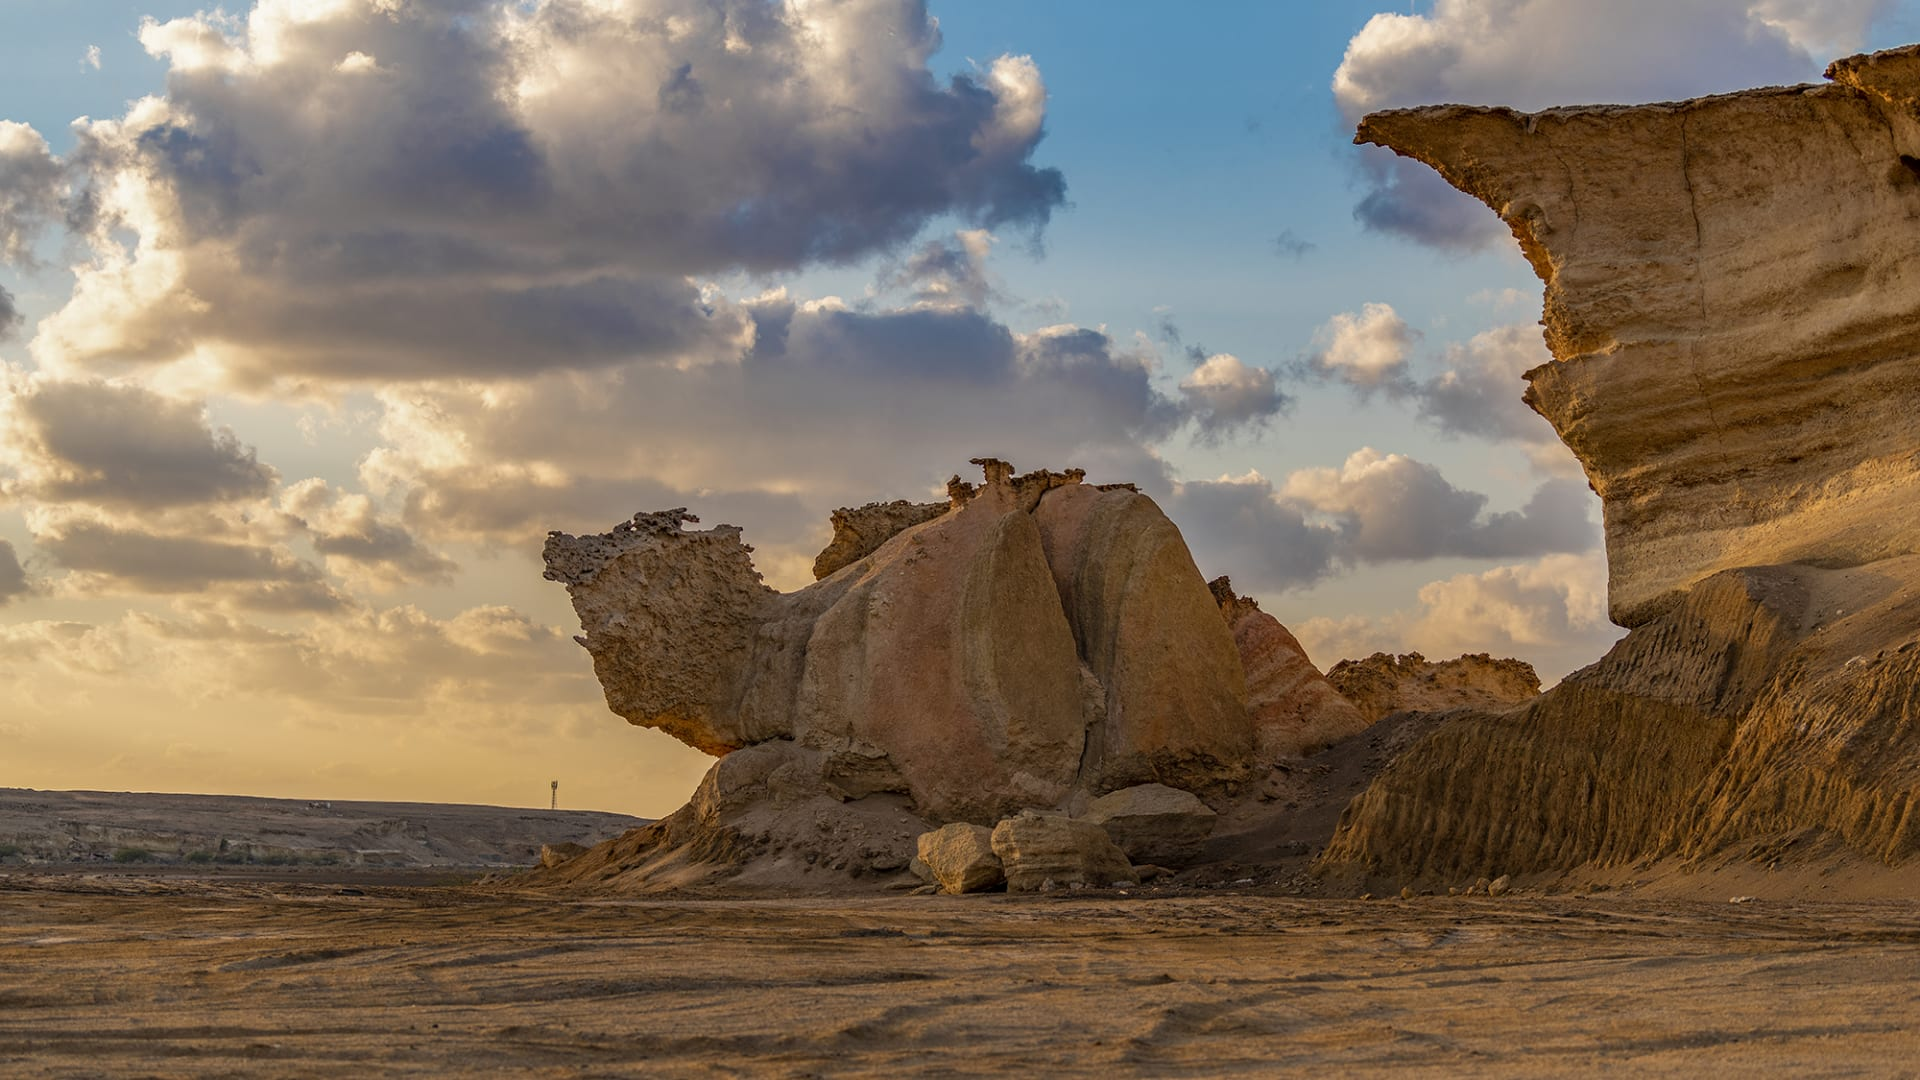 منها حطام الدجاج.. إليك أفضل مواقع الغوص بالسعودية